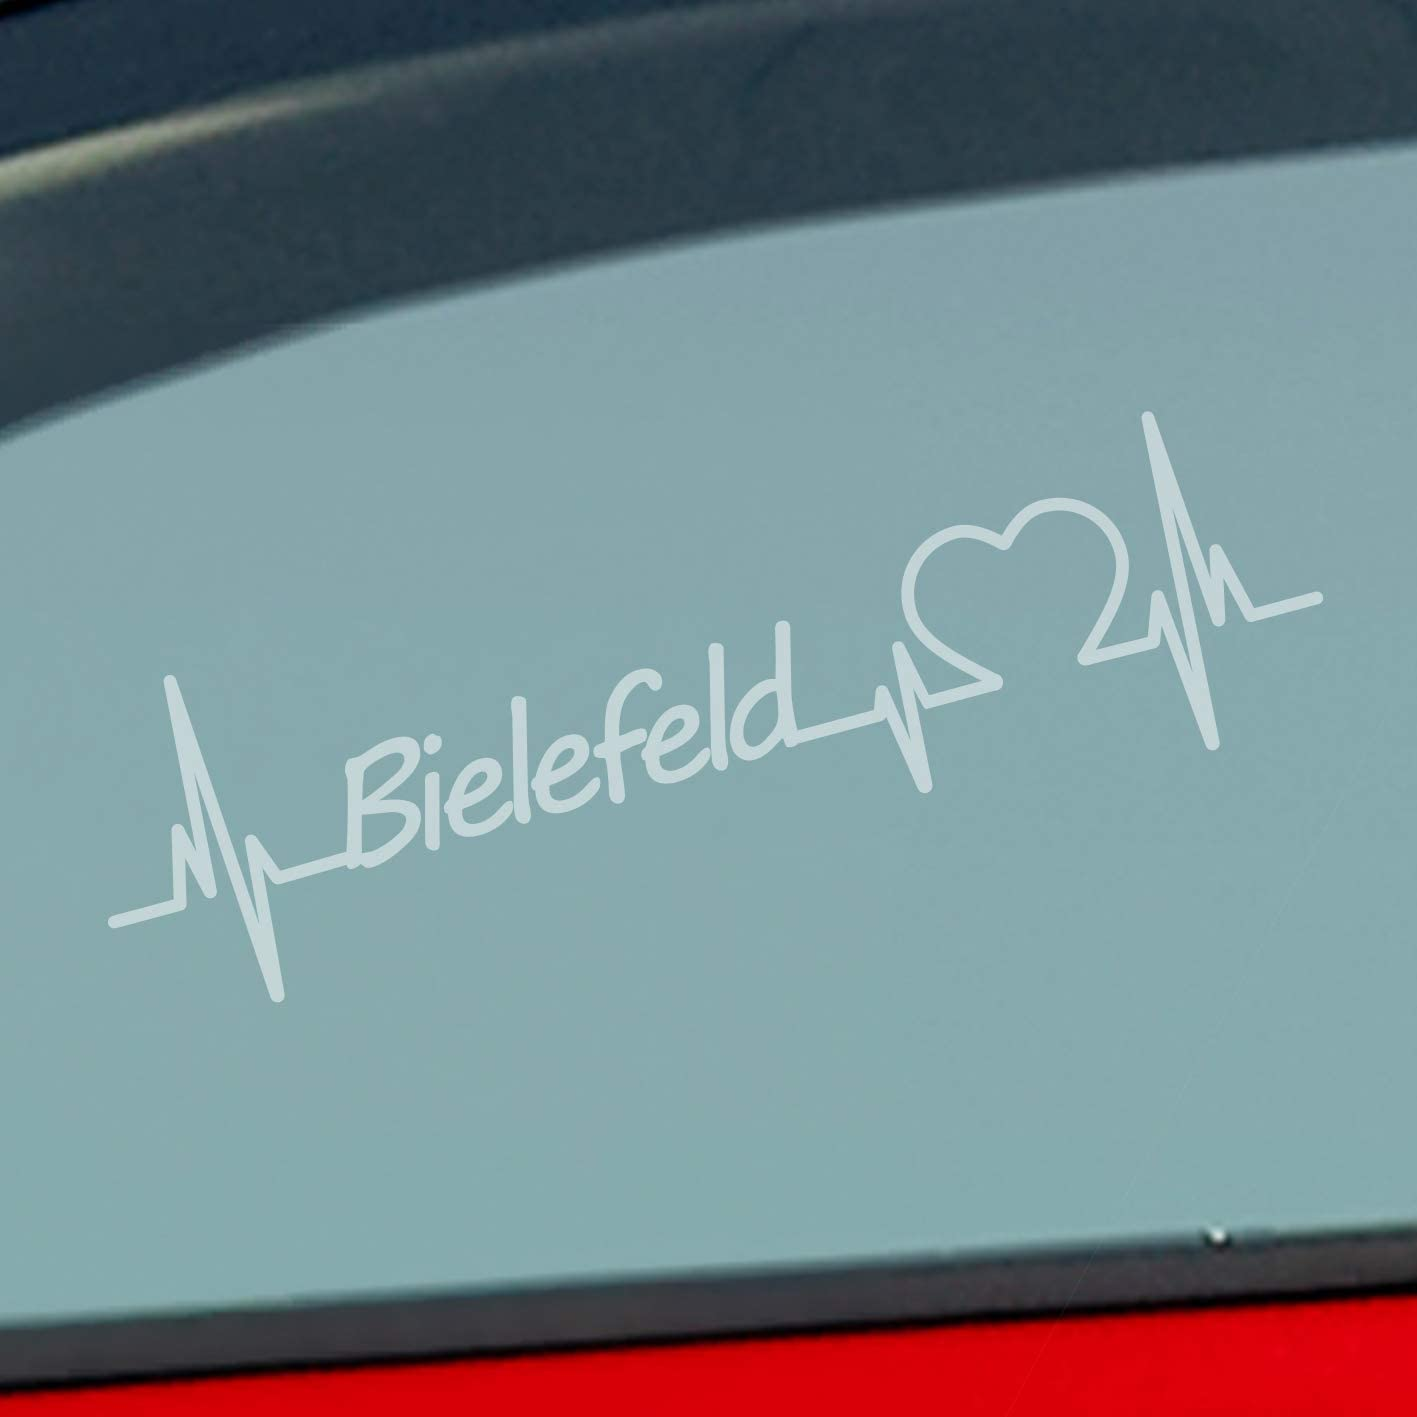 Auto Aufkleber In Deiner Wunschfarbe Bielefeld Herz Puls Stadt City Sticker Liebe Love Ca 19 X 5 Cm Autoaufkleber Sticker Auto